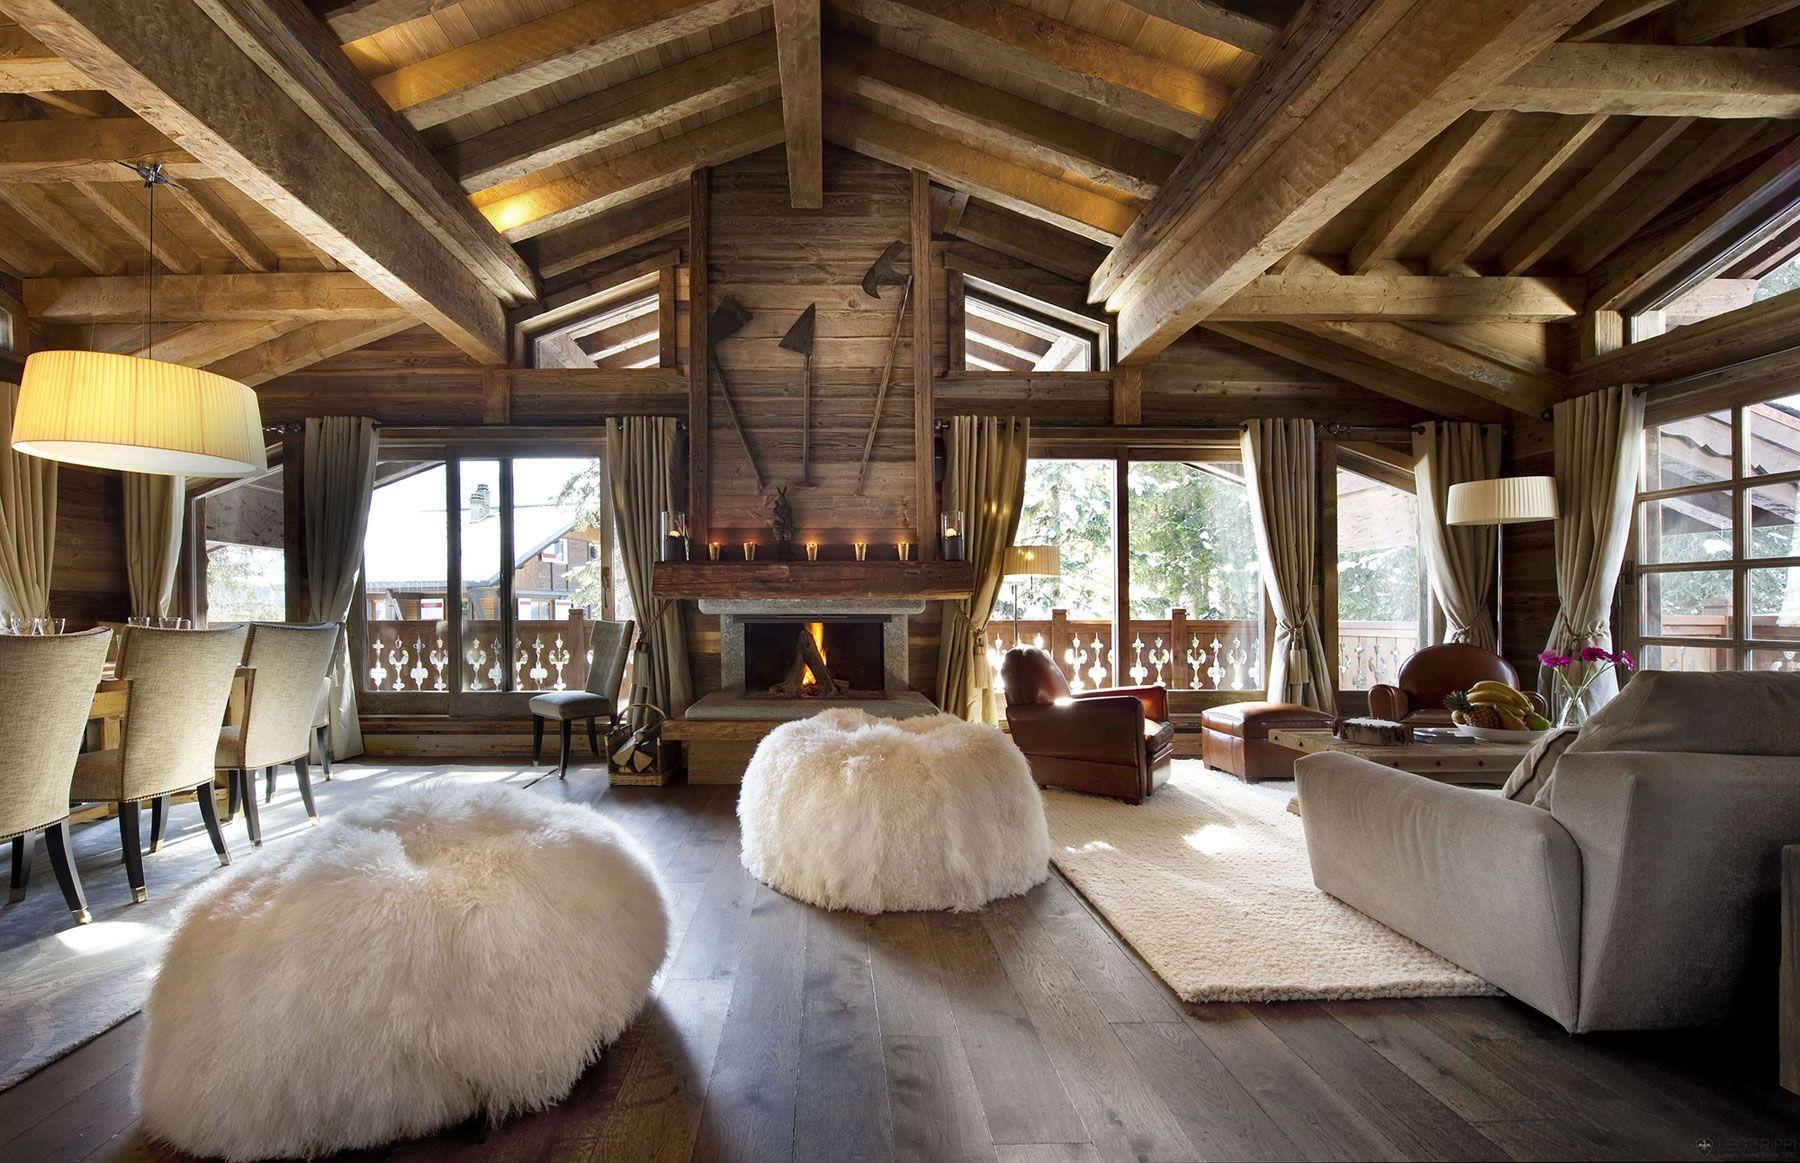 70 moderne innovative luxus interieur ideen frs wohnzimmer wohnbereich essbereich pelz hocker idee design